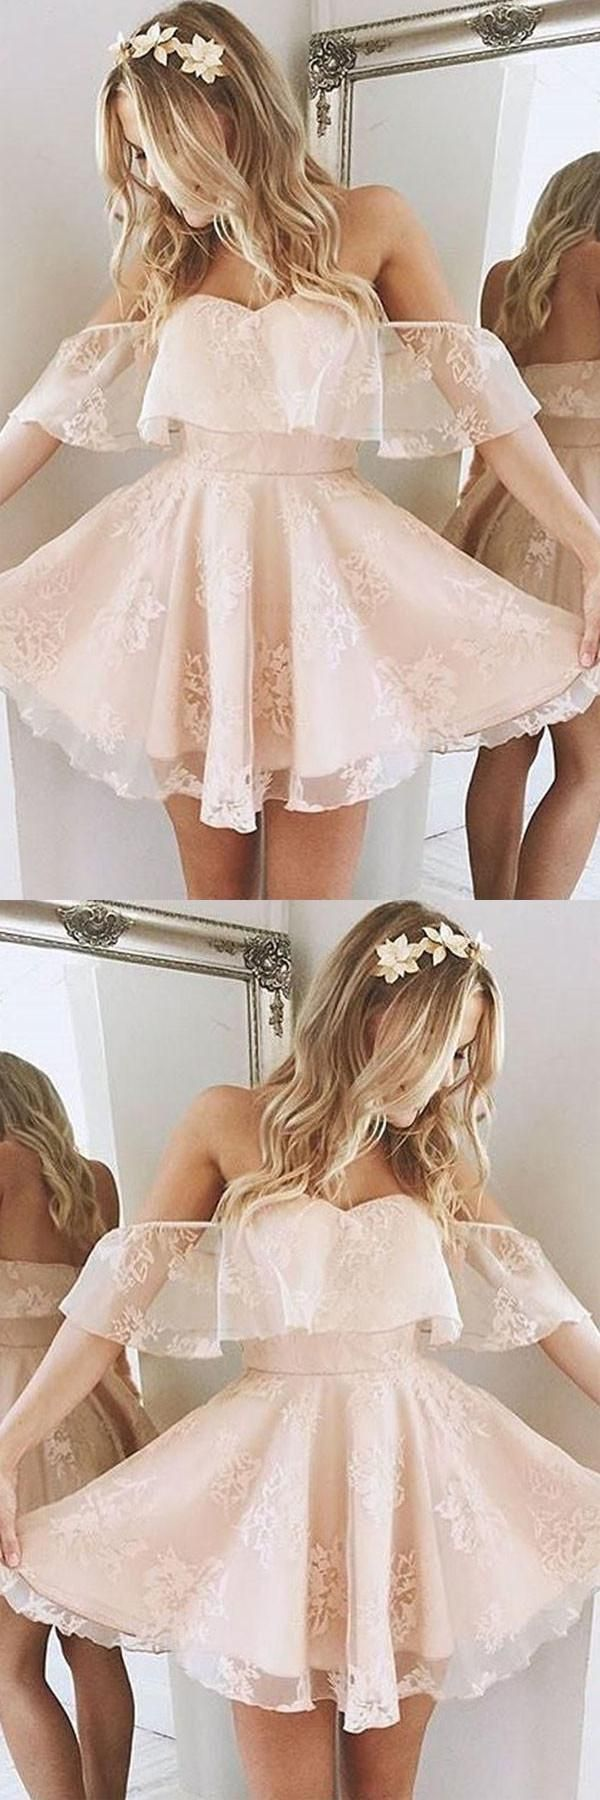 Short prom dress short prom dress shortpromdress short